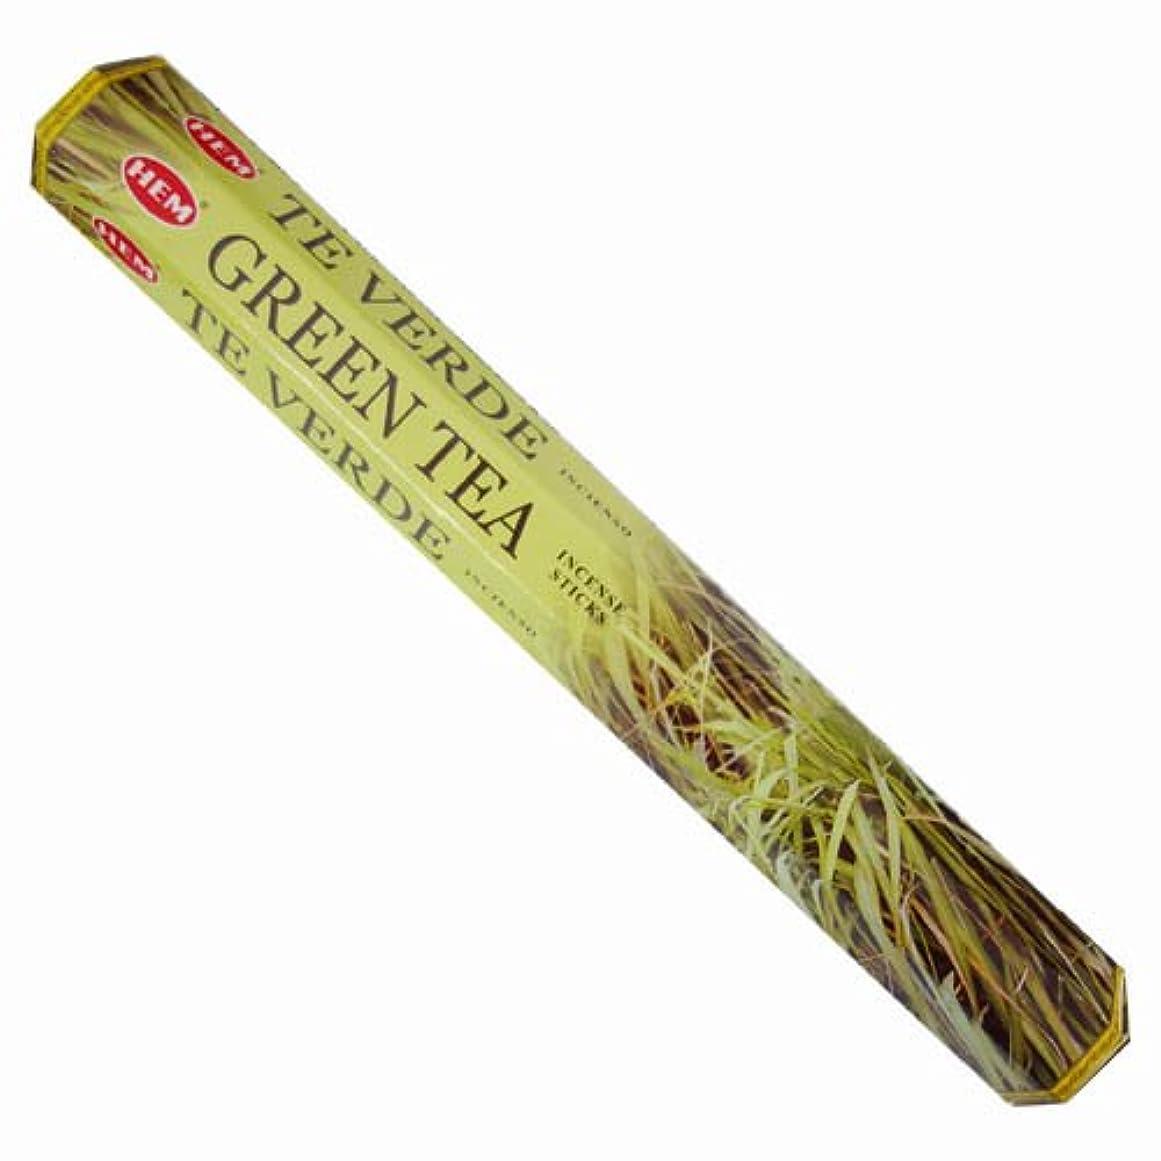 熟練した少し皮肉HEM(ヘム) スティックお香/六角香/ヘキサパック GREEN TEA(グリーンティー)